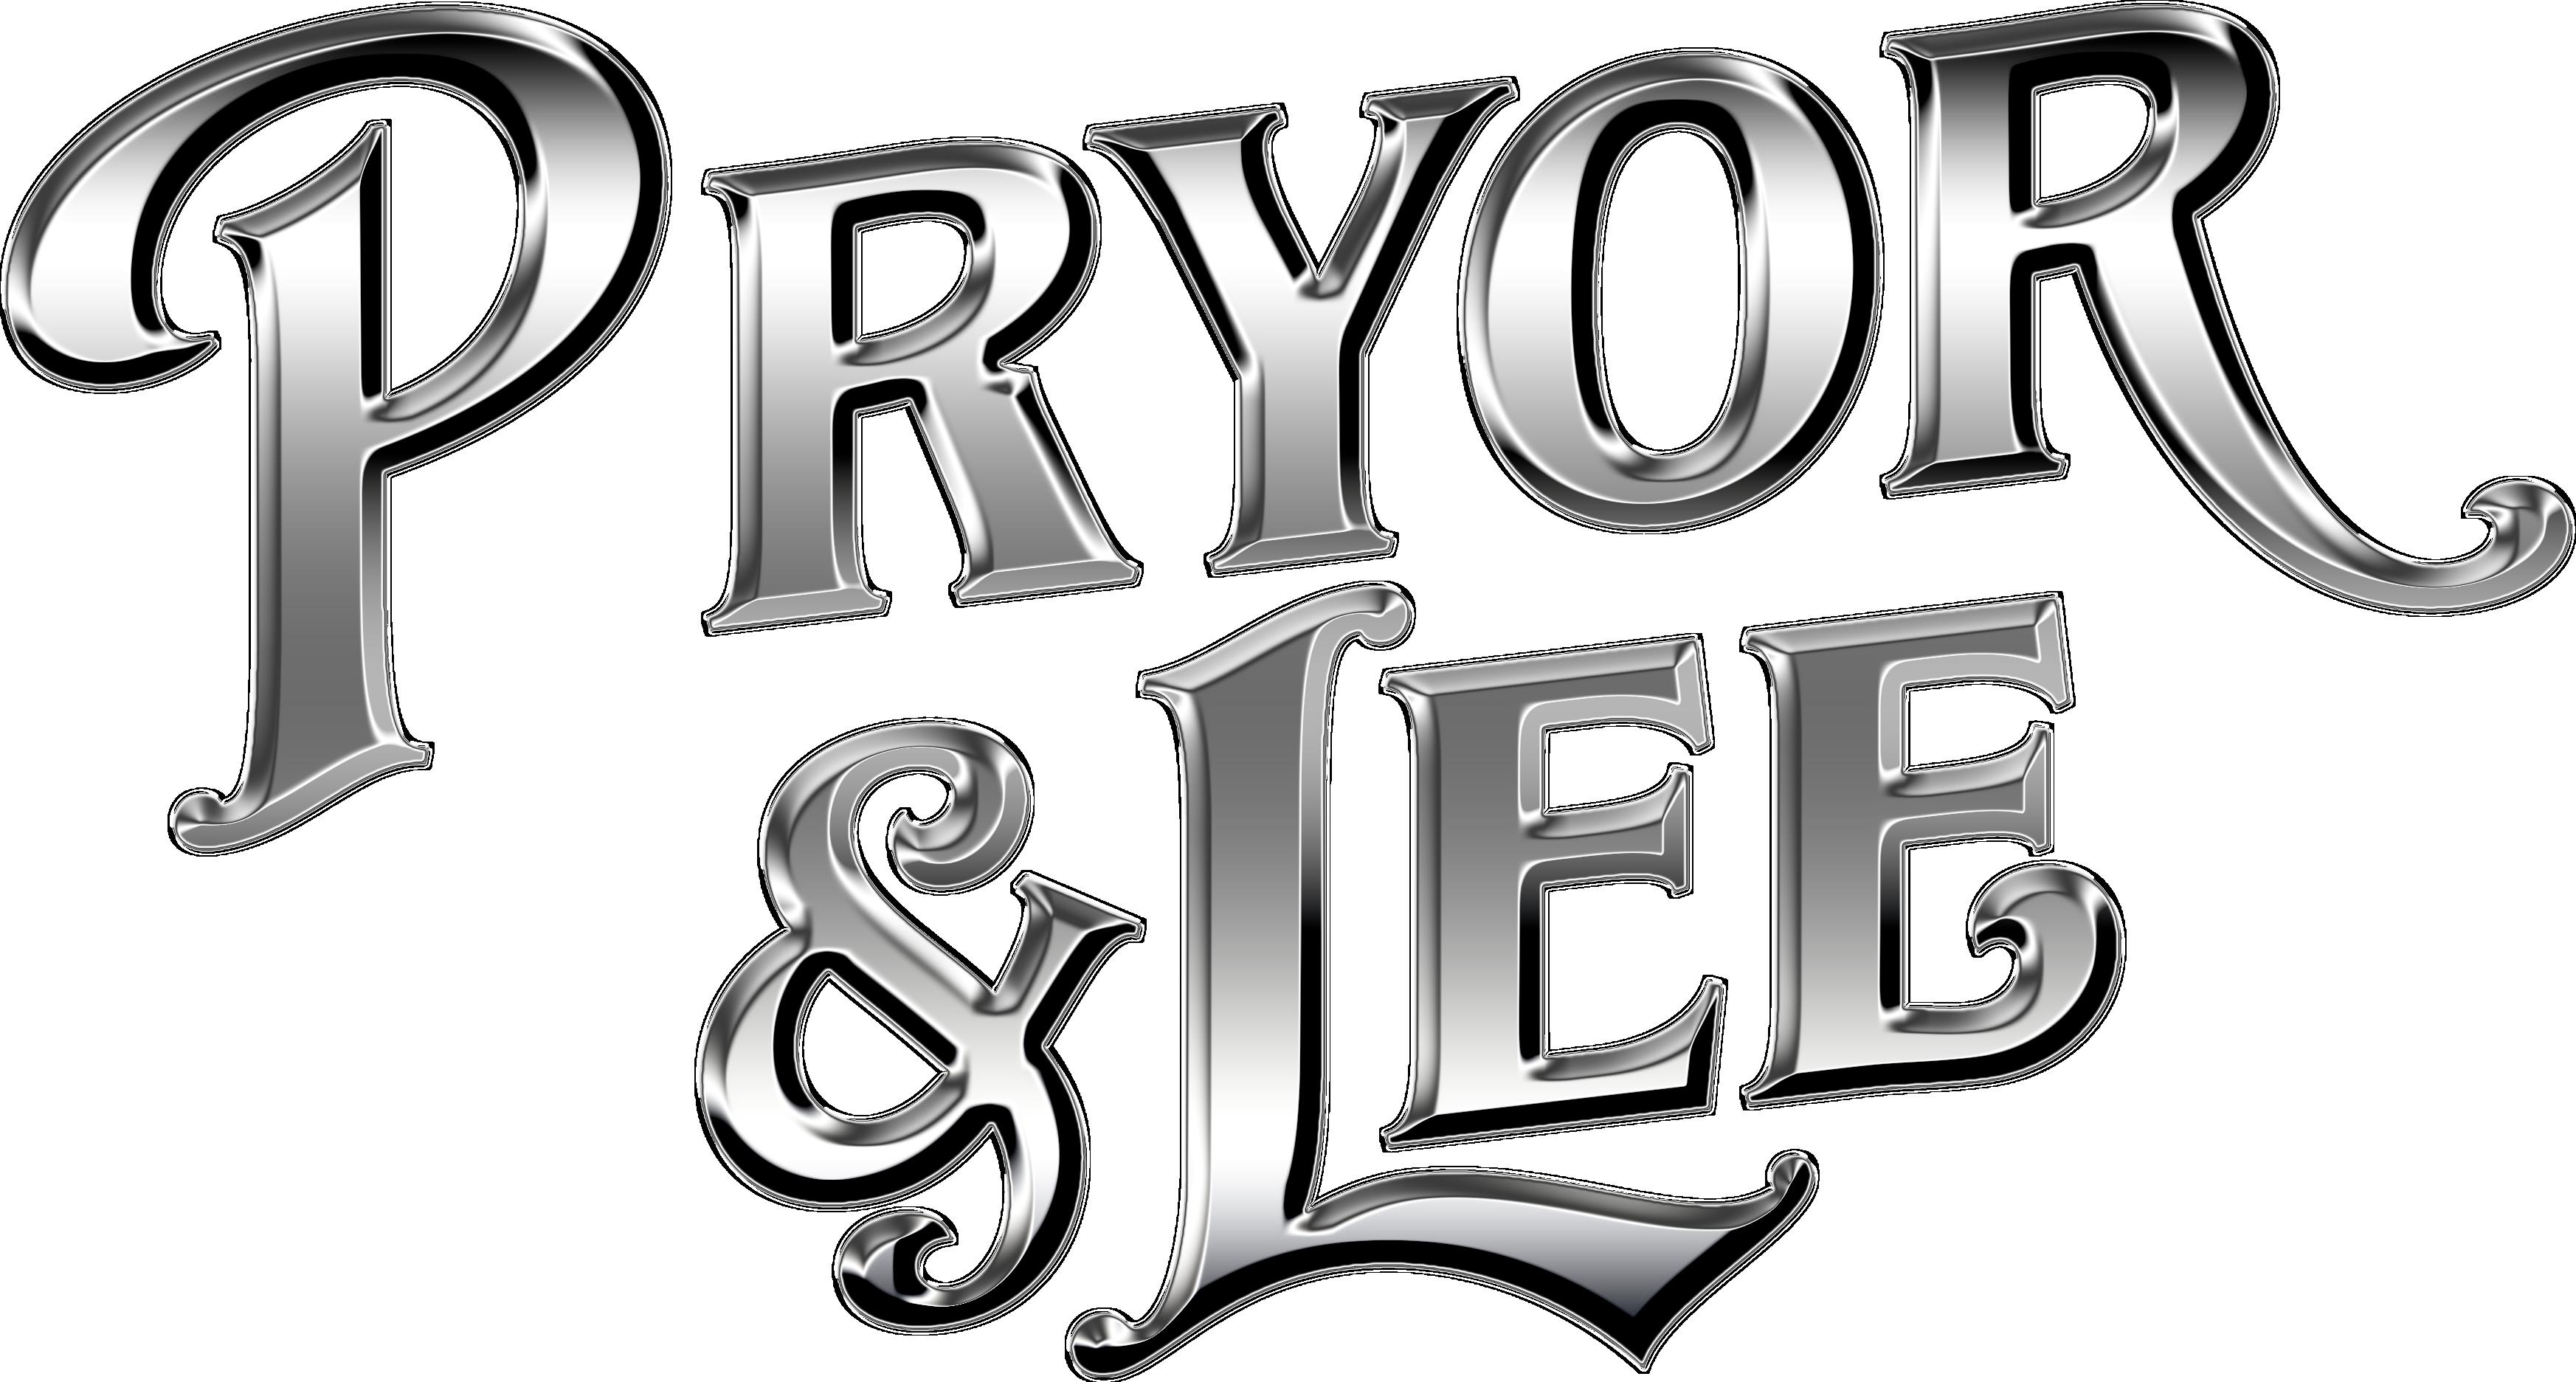 Pryor and Lee